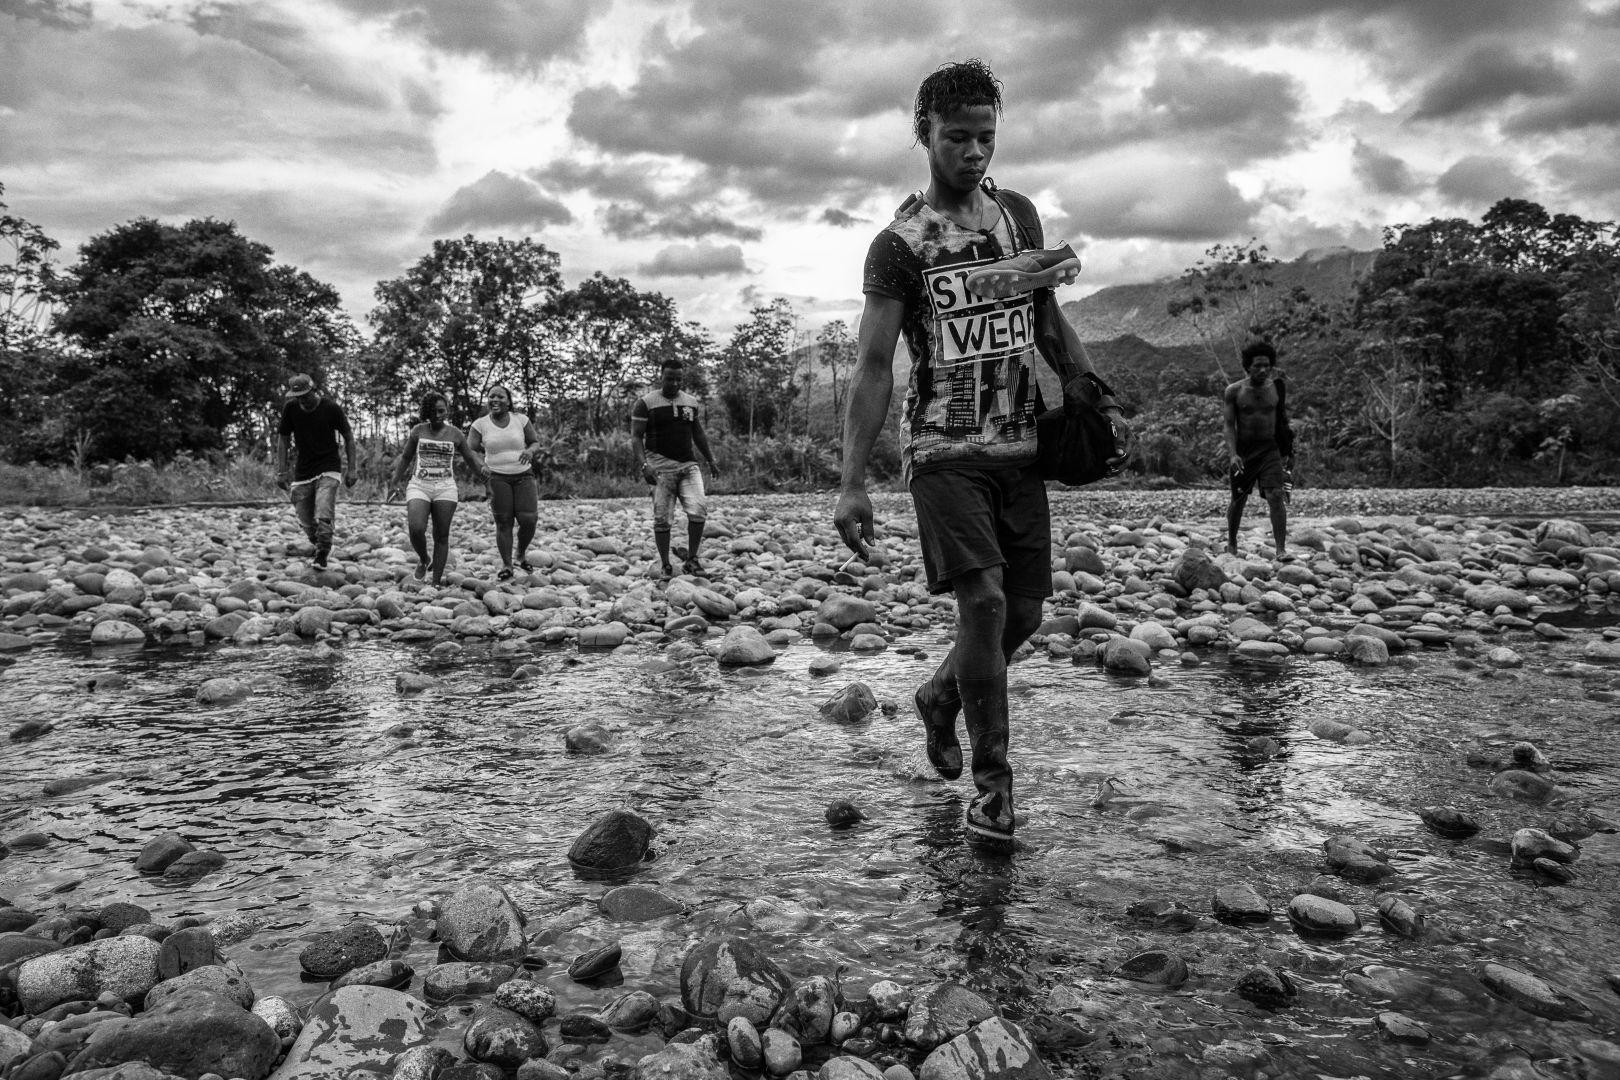 Футбольный клуб мира, © Хуан Д Арредондо, Колумбия, 2-й приз : серия, Фотоконкурс World Press Photo